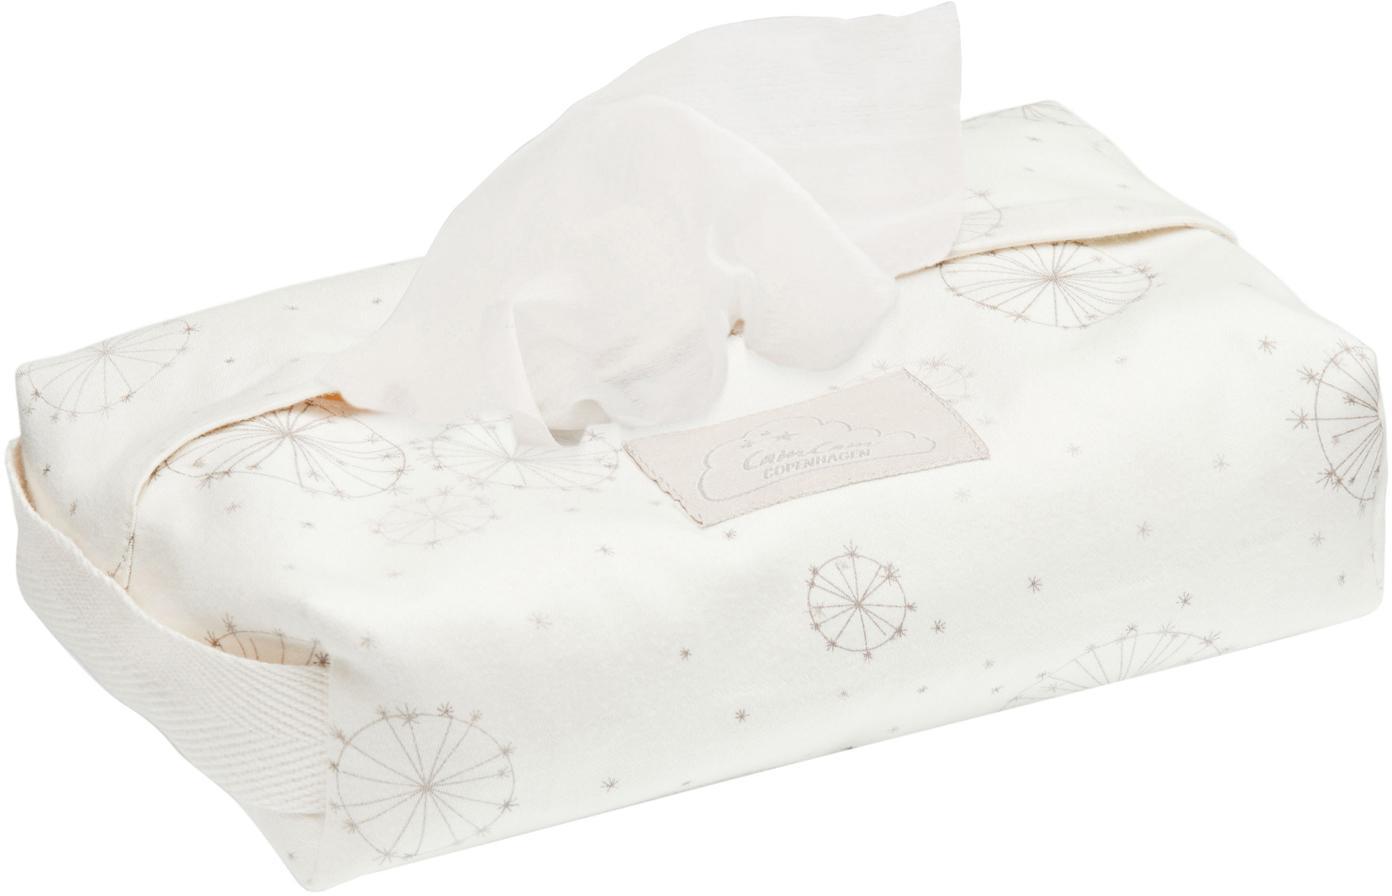 Porta salviettine in cotone organico Dandelion, Cotone organico, certificato GOTS, Crema, beige, Larg. 25 x Prof. 17 cm